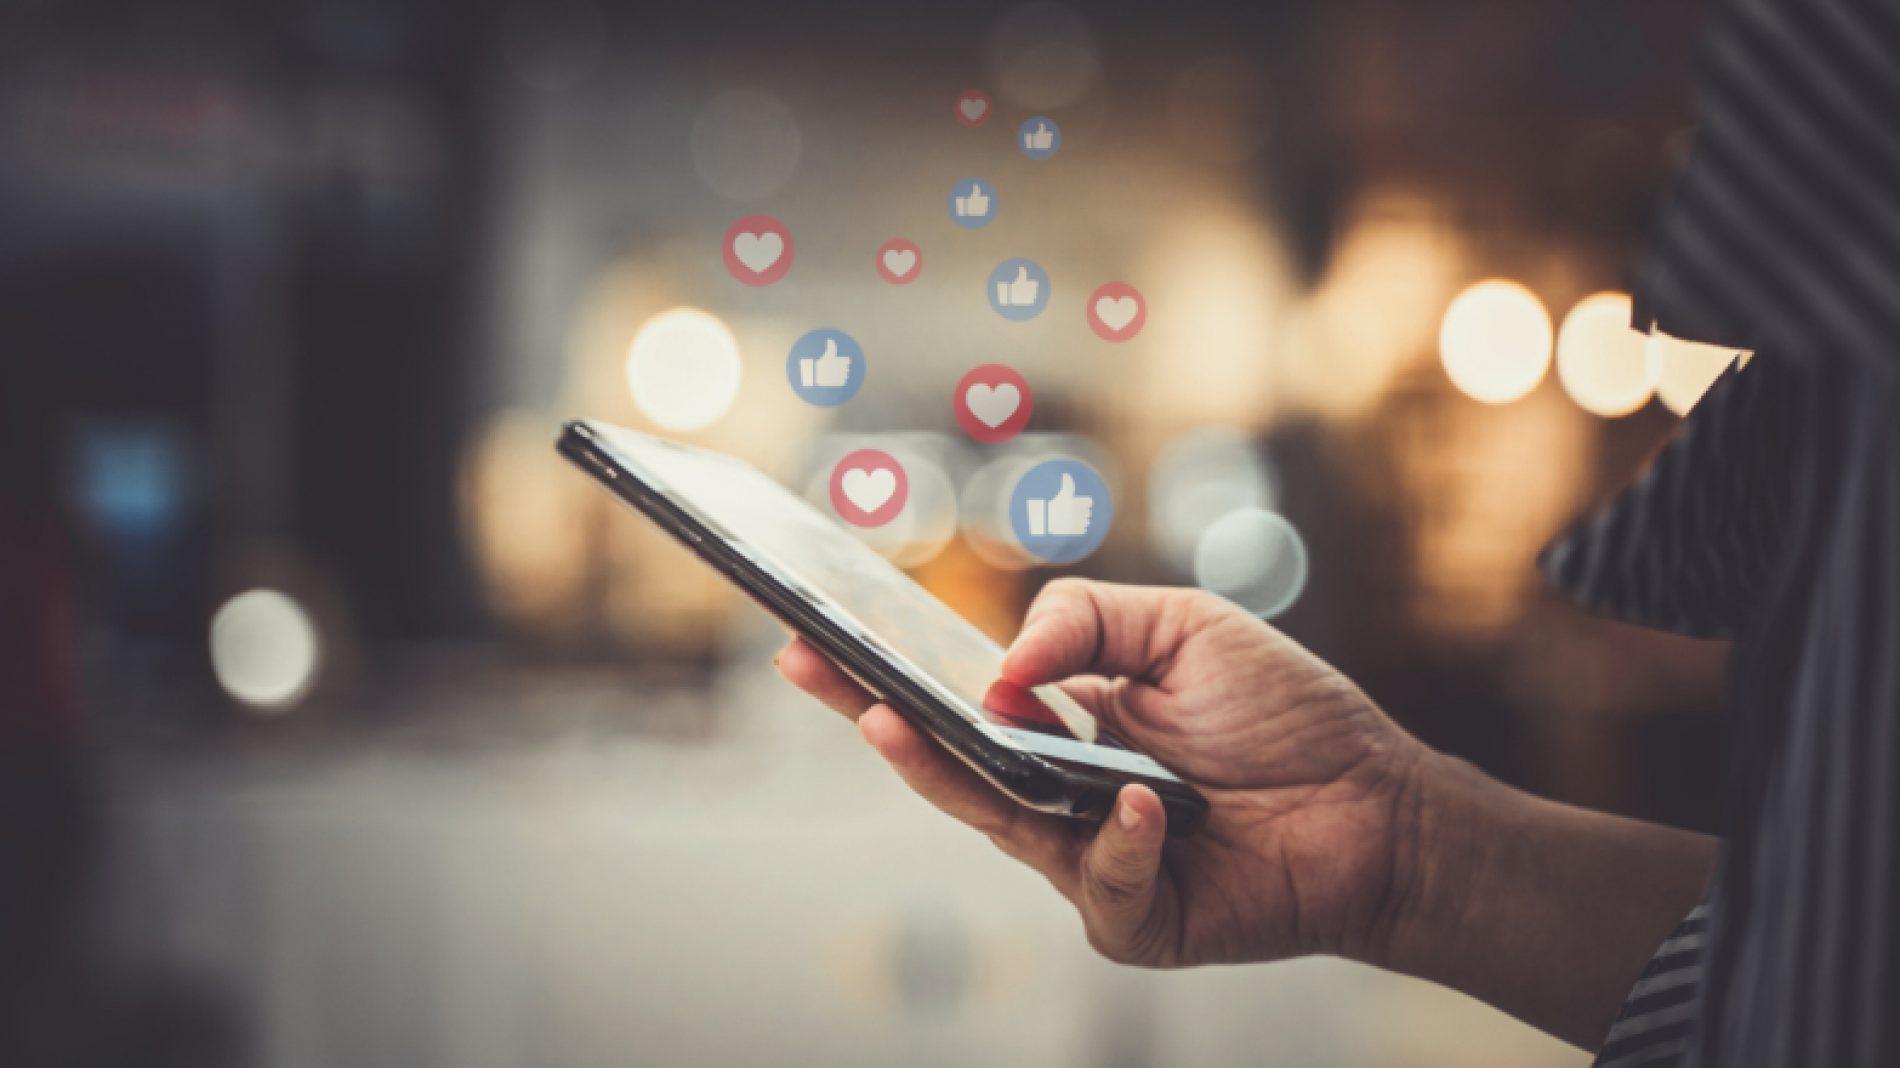 Positive-social-media-MhV0QZ